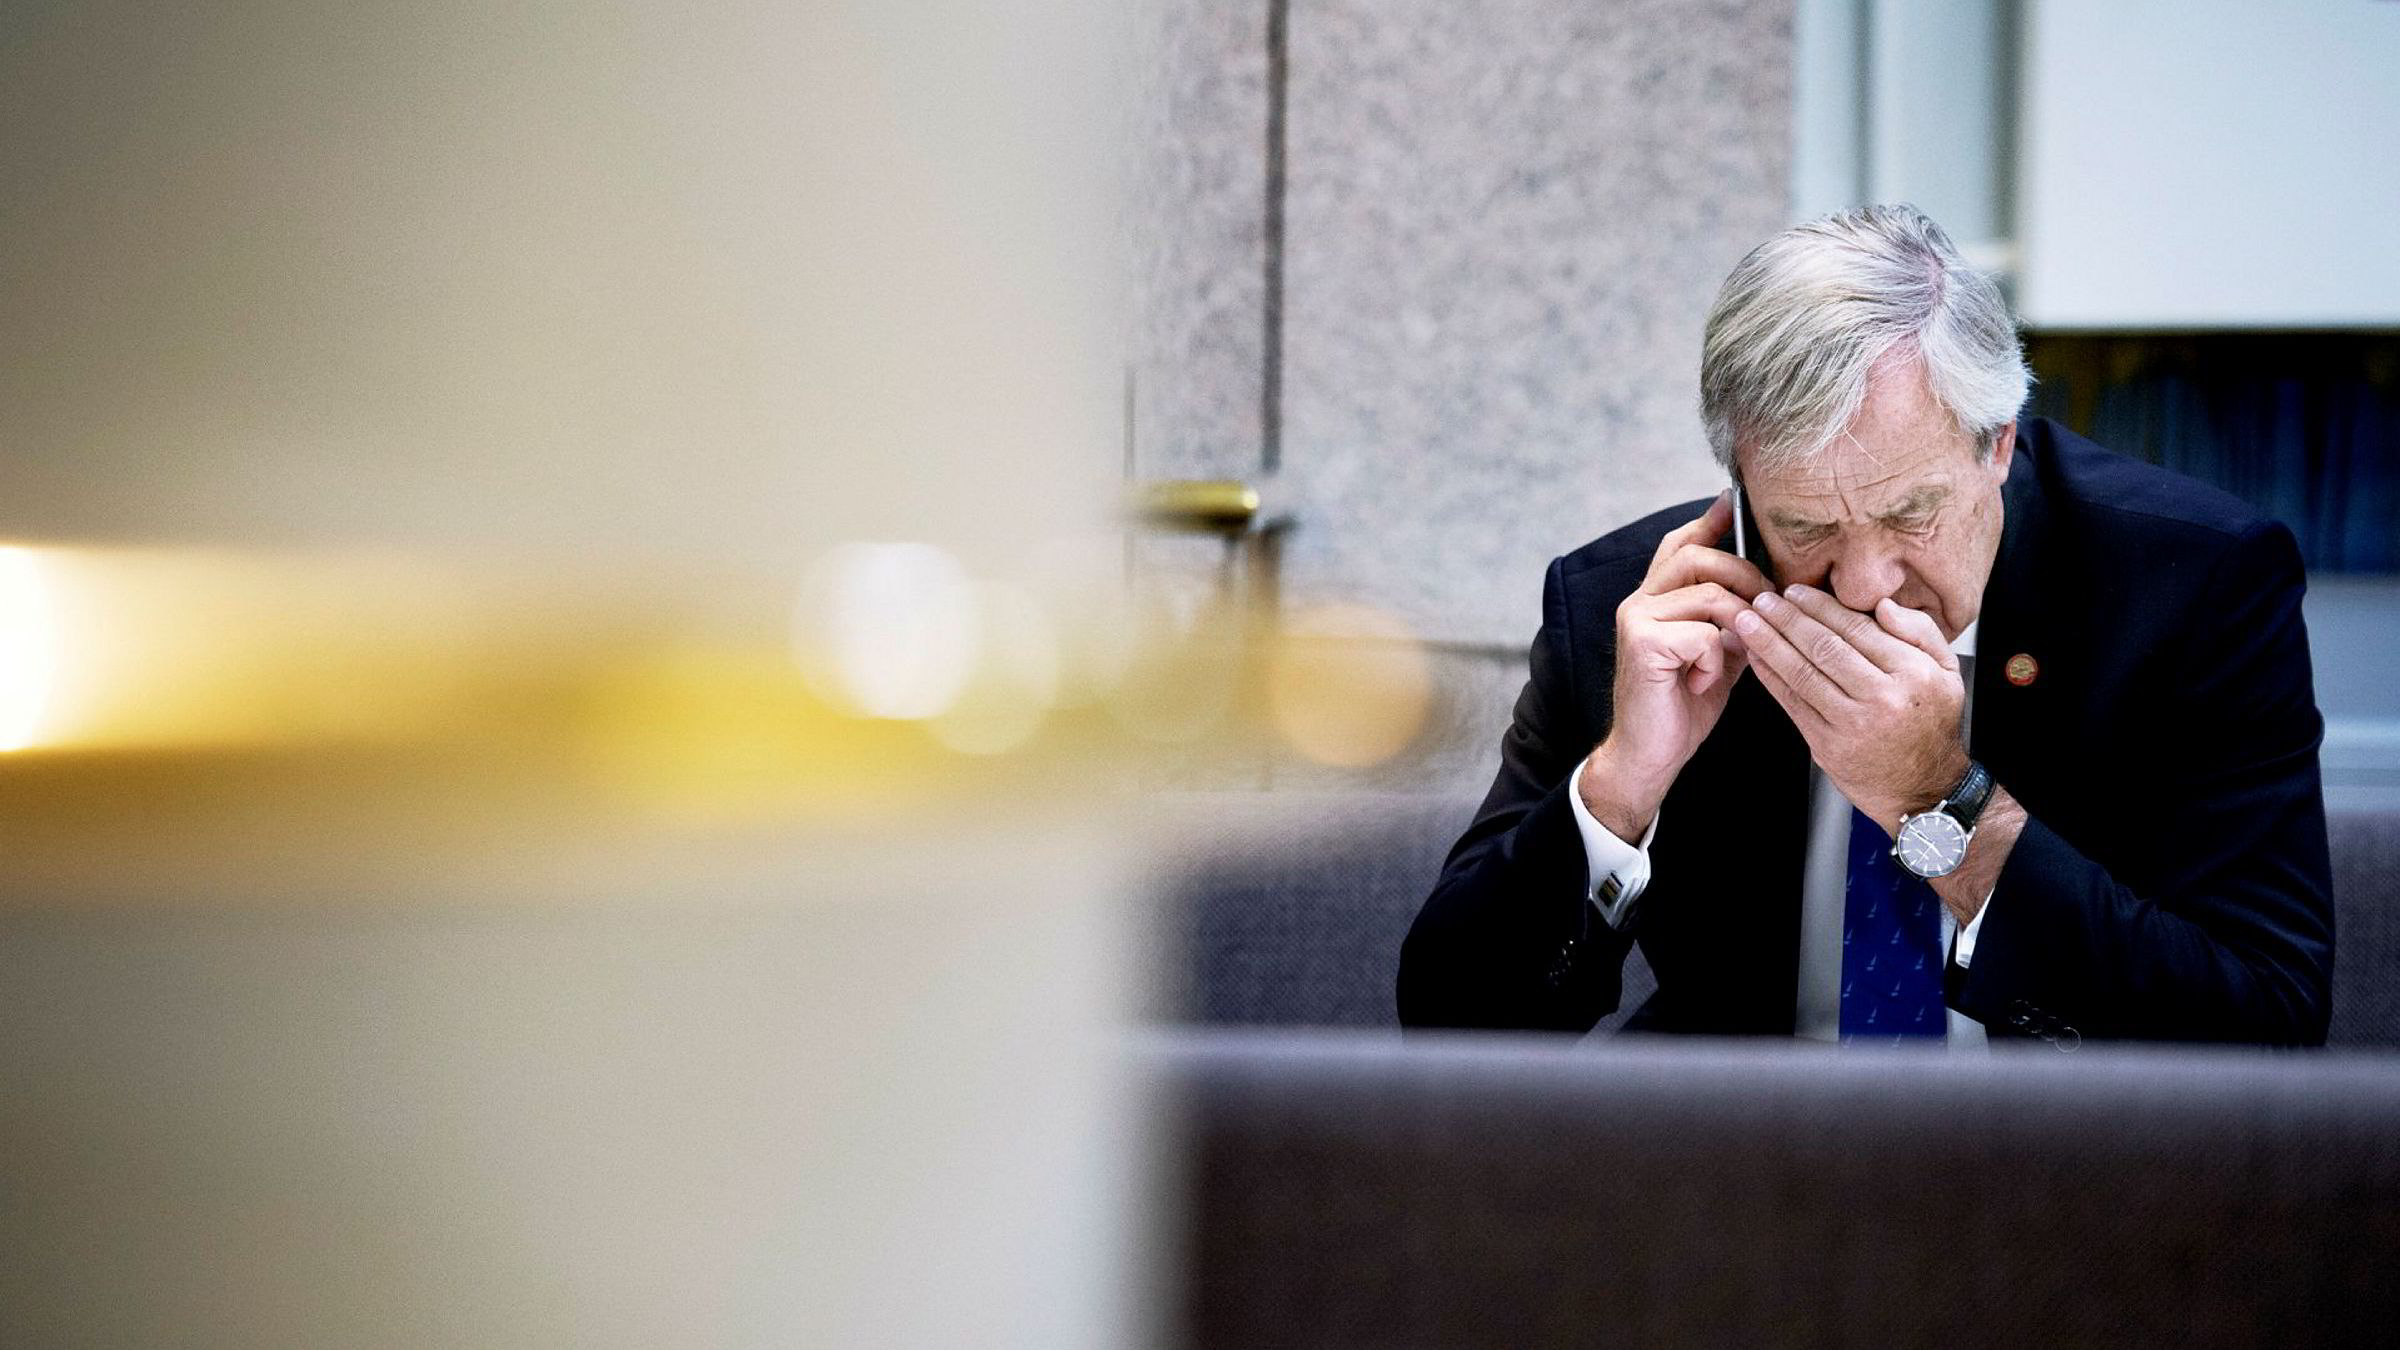 Norwegian-sjef Bjørn Kjos skal snart være klar til å motta bagasje og passasjerer fra Ryanair, ifølge The Telegraph. Norwegian mener det ikke er noe nytt at selskapet ønsker partnere til å fly sine passasjerer opp mot Norwegians langdistanseruter.